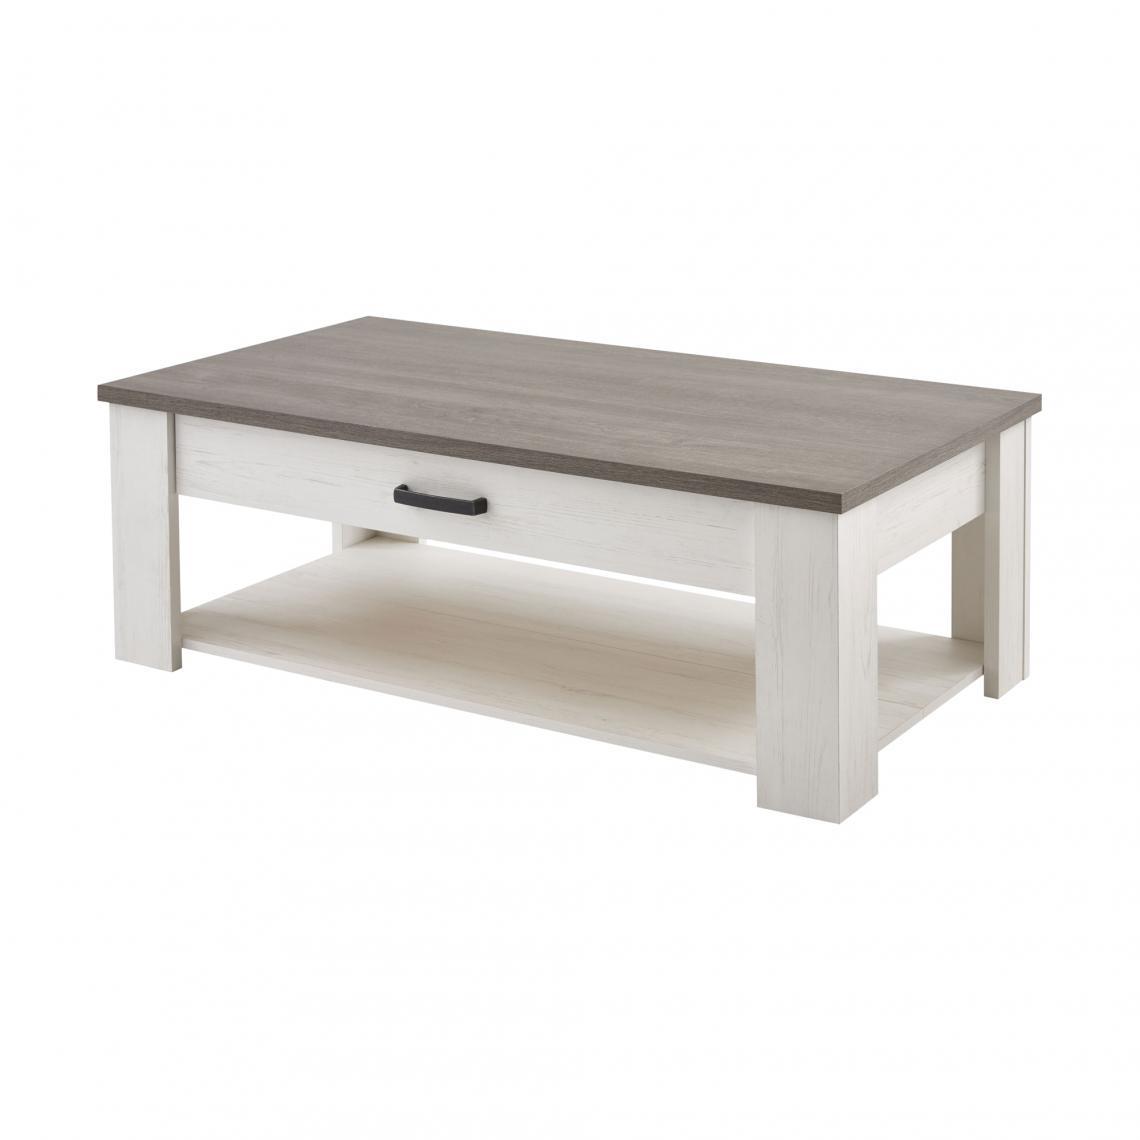 table basse rectangulaire double plateau 1 tiroir marquis decor pin blanc 3 suisses mobilier